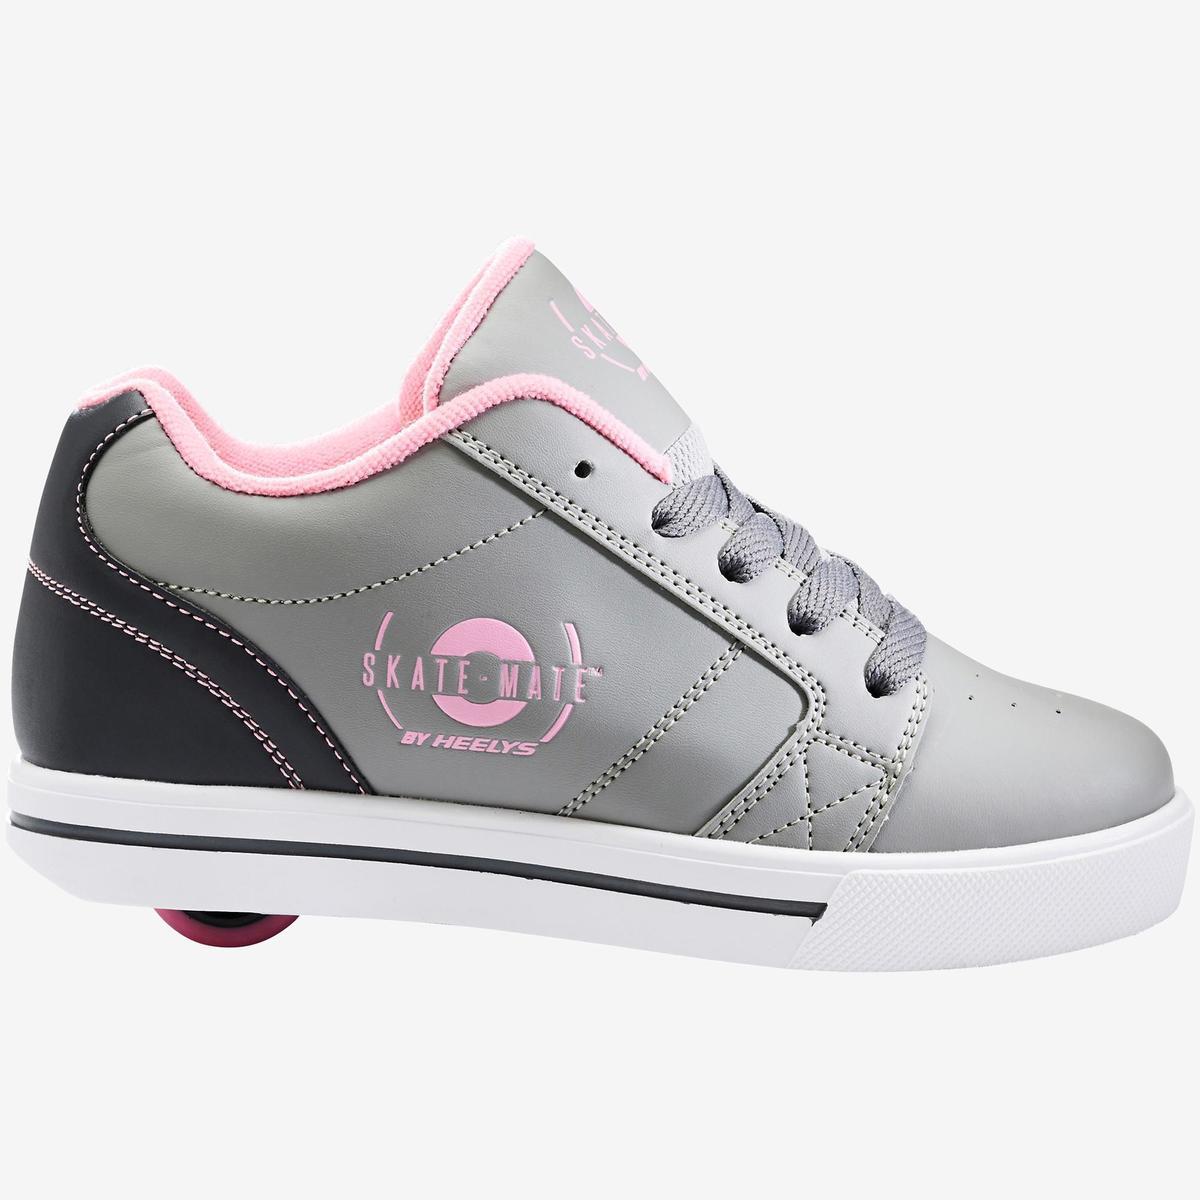 Bild 2 von Heelys Skate-Mate Mädchen grau/pink